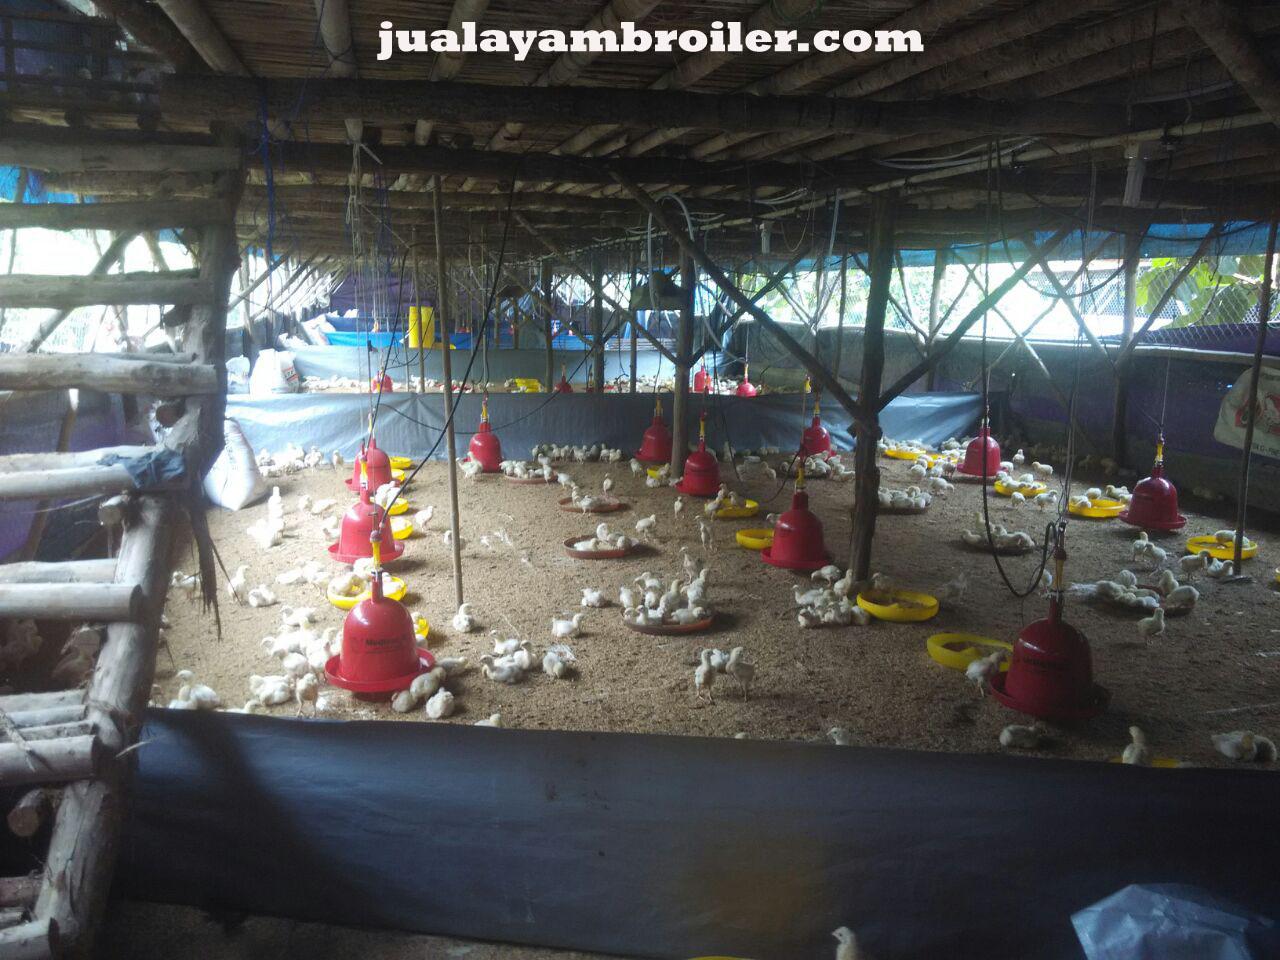 Jual Ayam Broiler di Tangerang